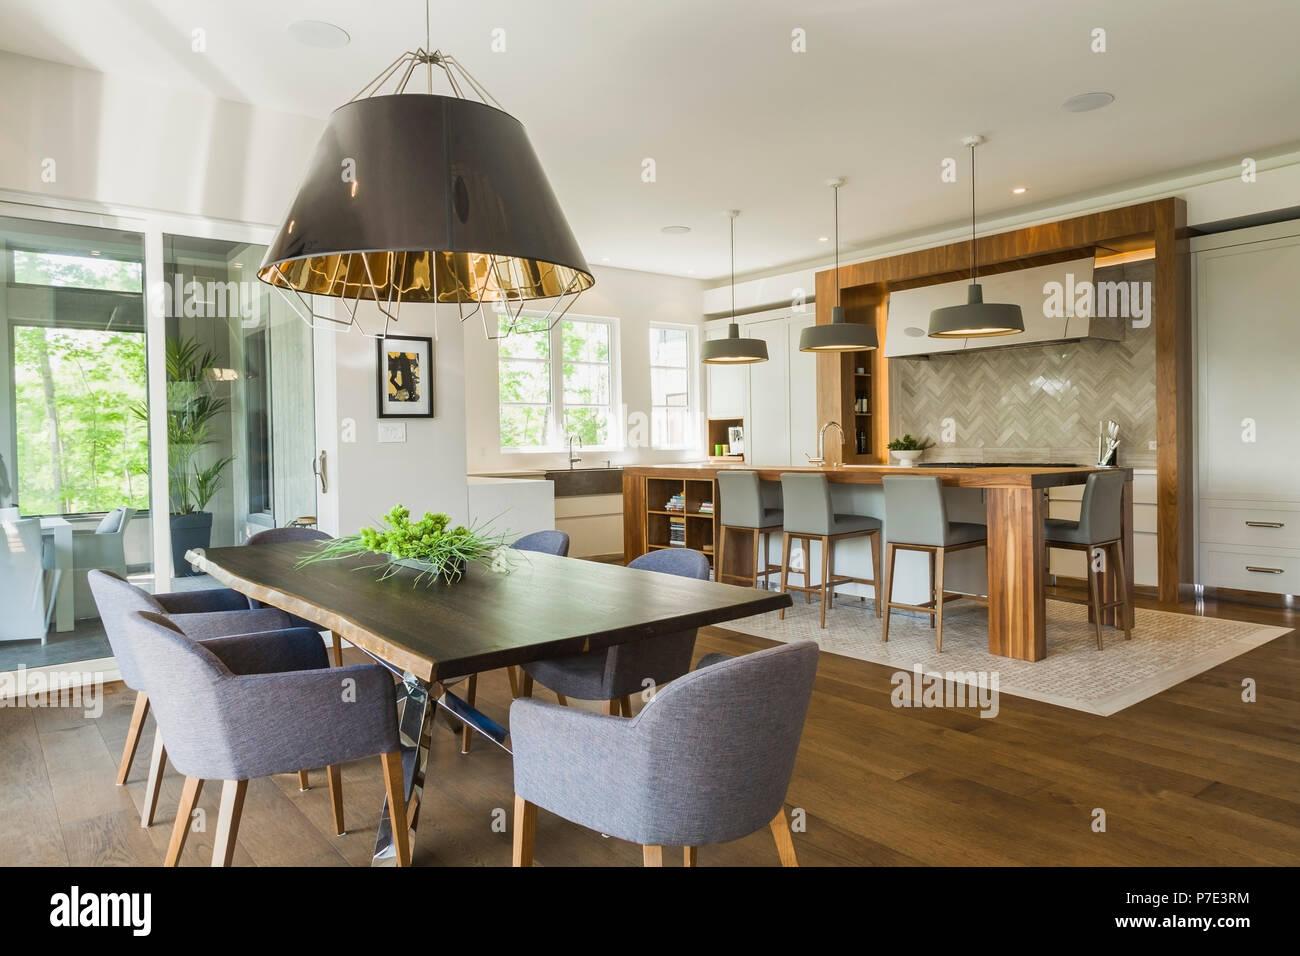 Sala Da Pranzo Contemporanea : La sala da pranzo e zona cucina all interno di una lussuosa casa